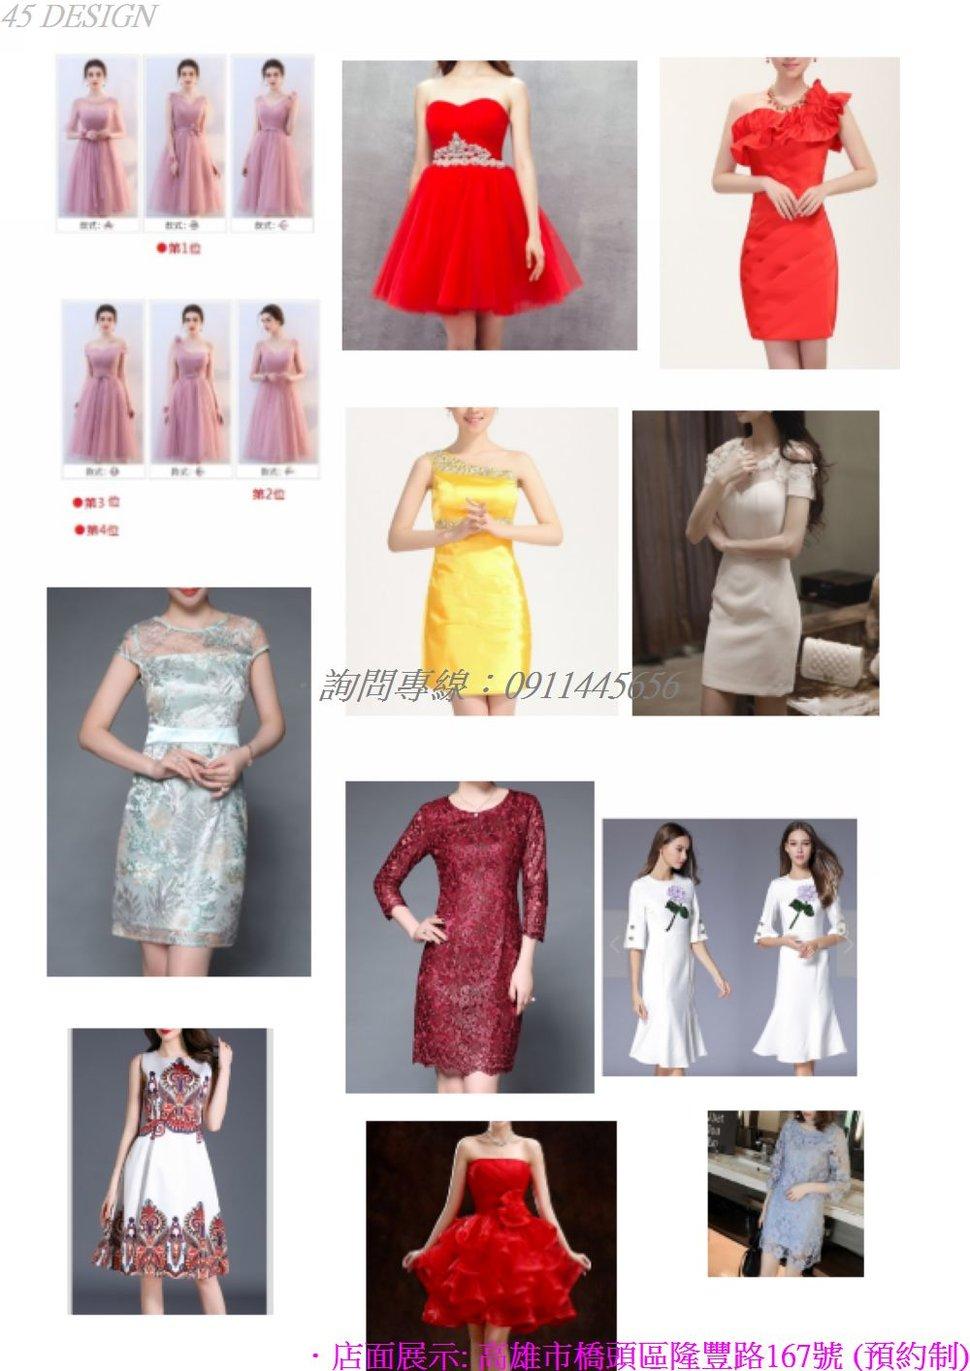 msl19081520967BEC0AE94E87939D1D771D707397 - 全台最便宜-45DESIGN四五婚紗禮服《結婚吧》